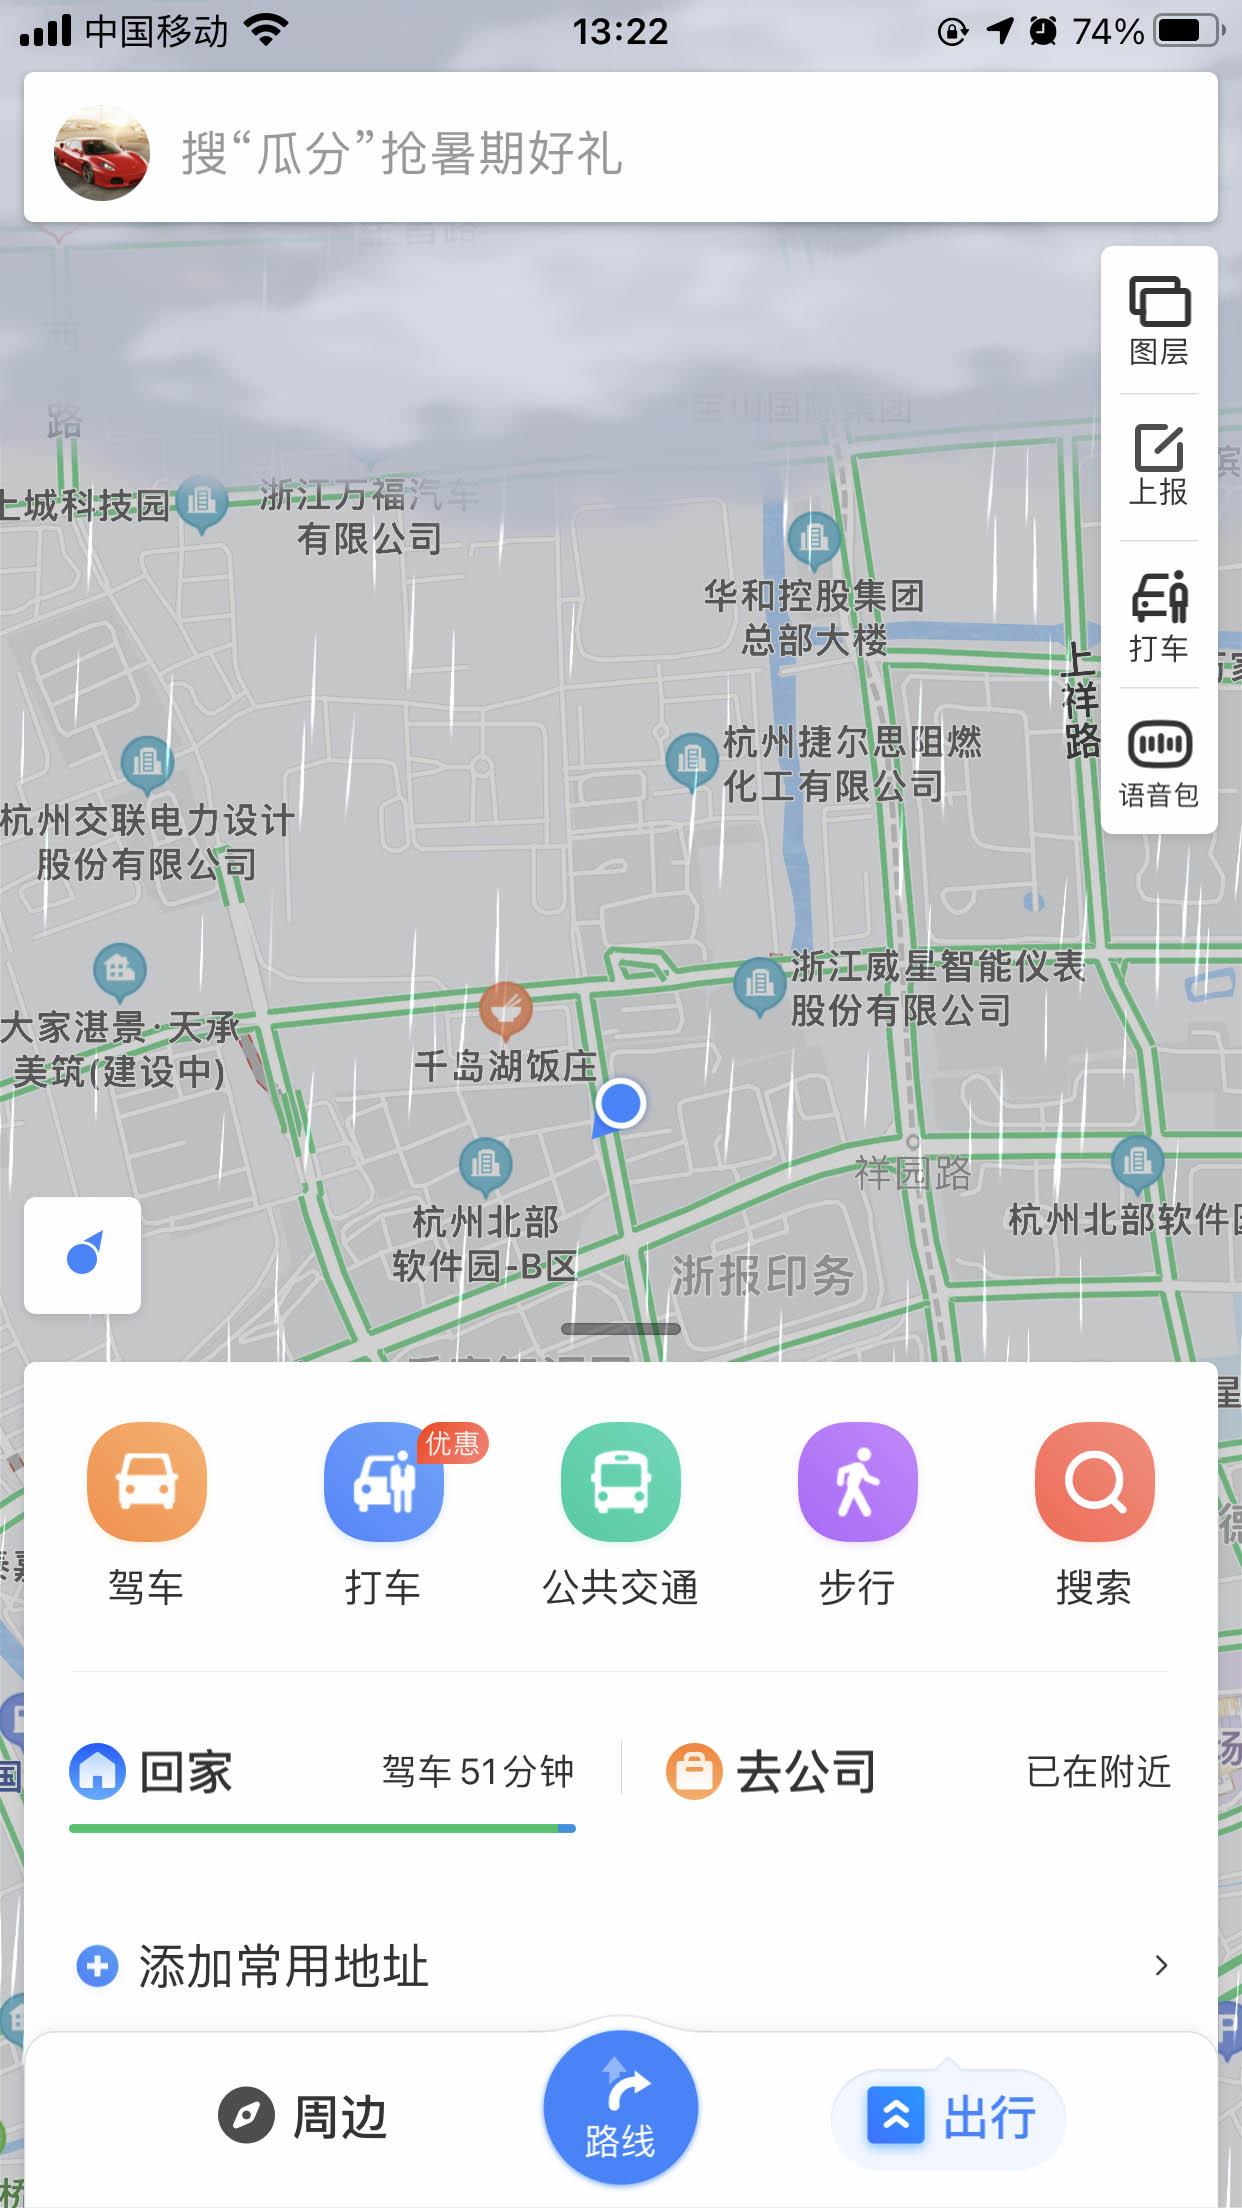 百度地图商户/企业认证定位